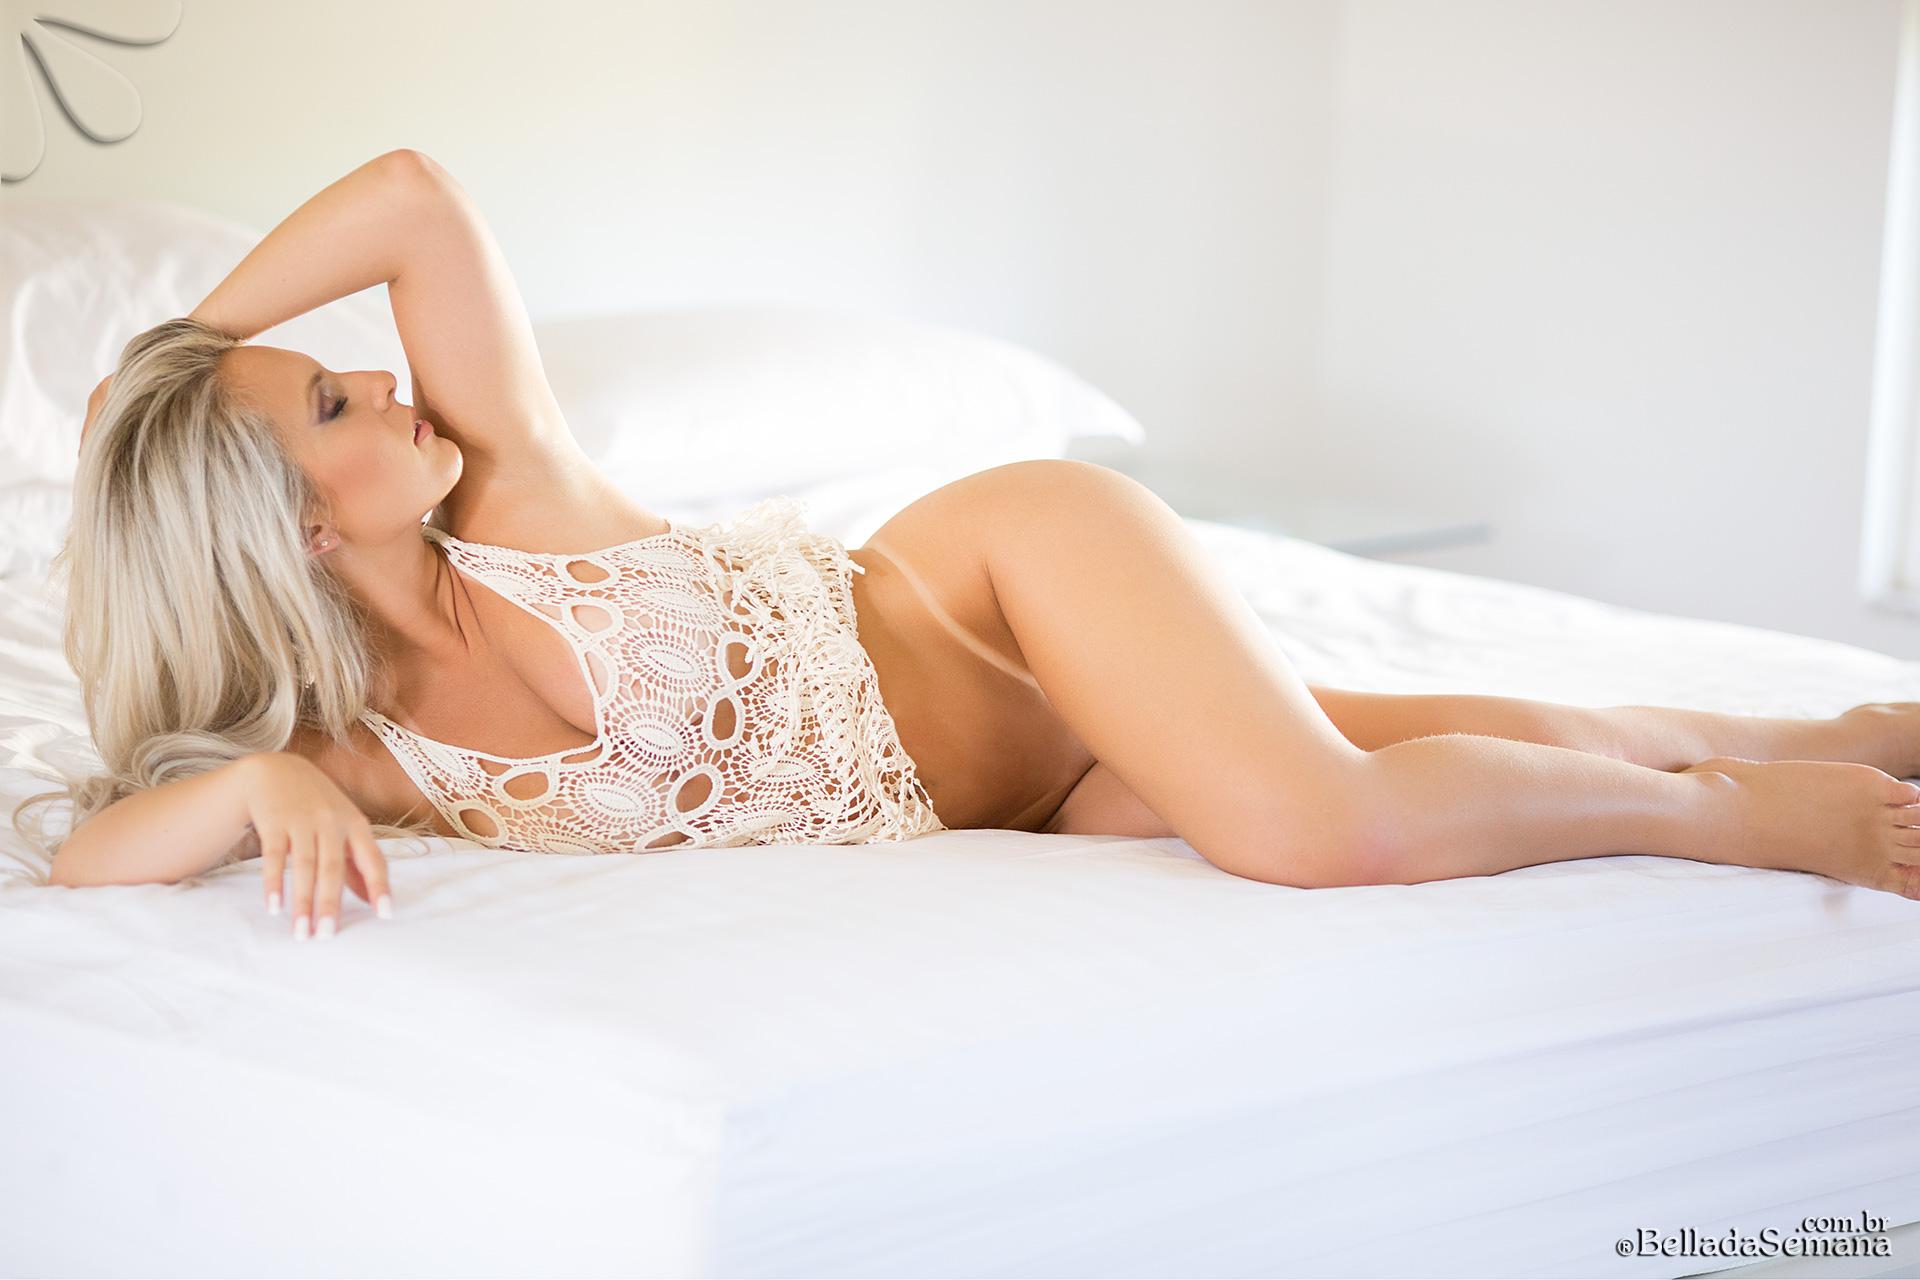 Cassiane Pires In Bed for Bella Club - Curvy Erotic